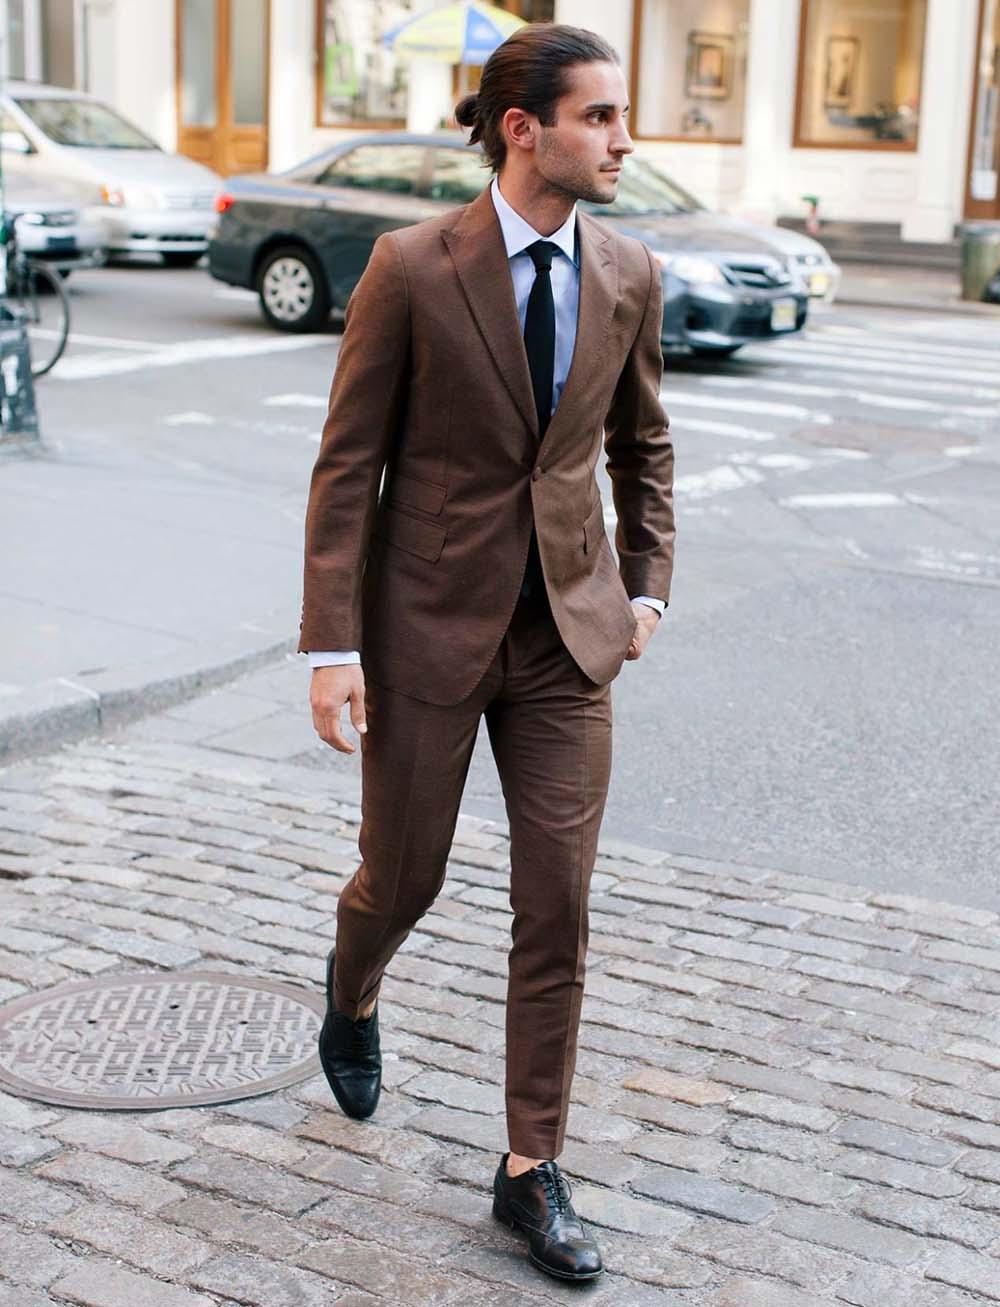 Коричневый цвет удачно смотрится как в полных костюмах, так и в отдельных акцентах